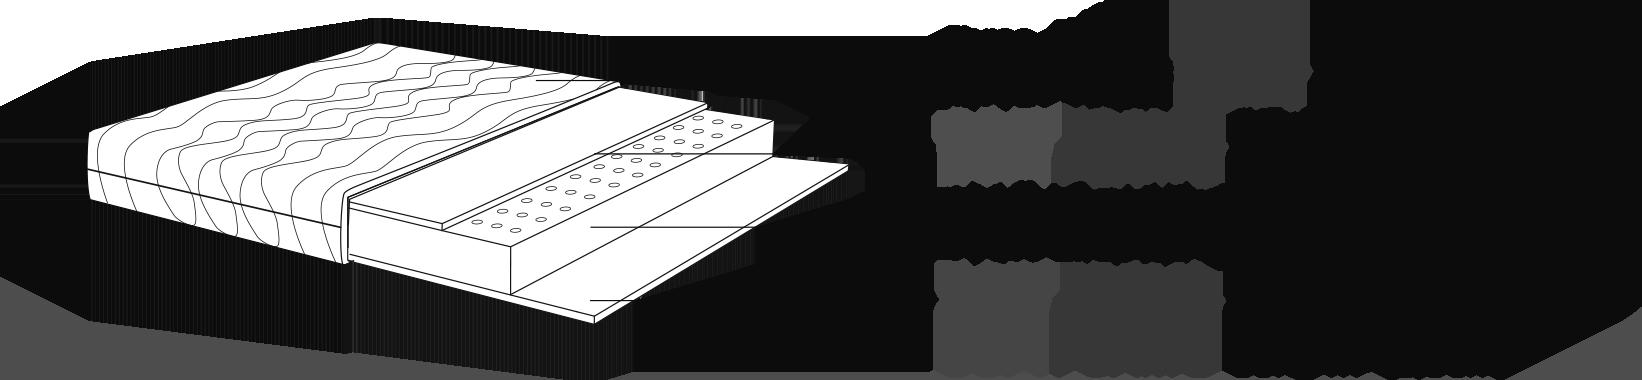 Composition du matelas : SOFTFOAM 30 kg / m3, 100% latex